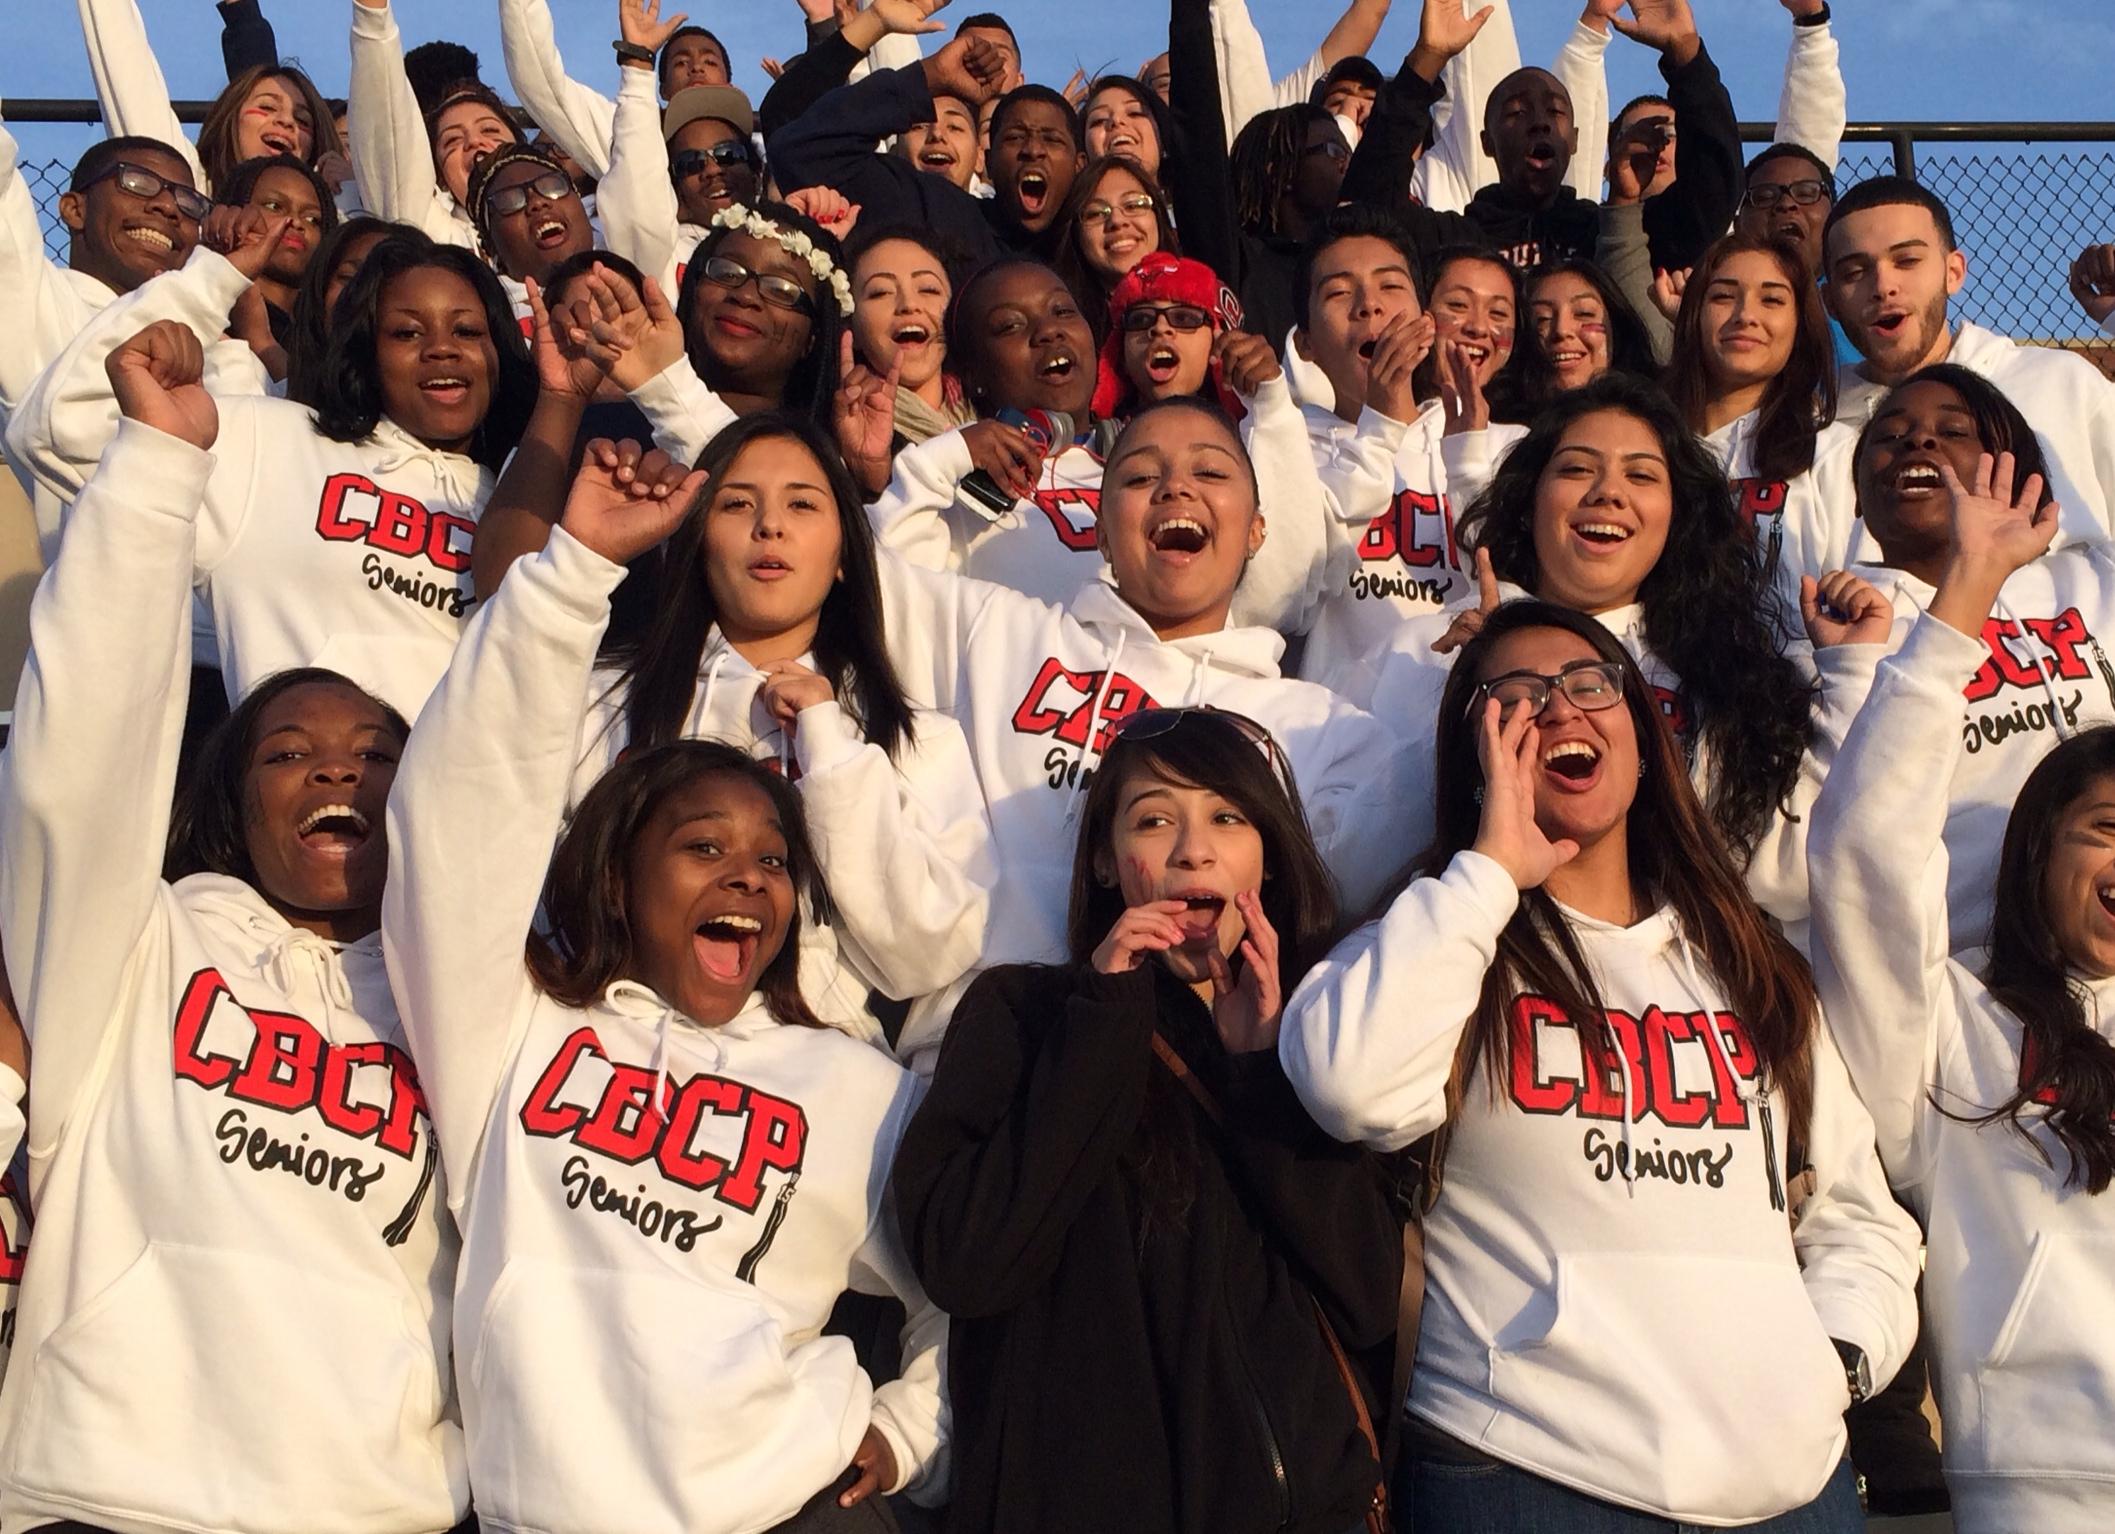 cbcp senior sweatshirts at homecoming t shirt photo - Homecoming T Shirt Design Ideas